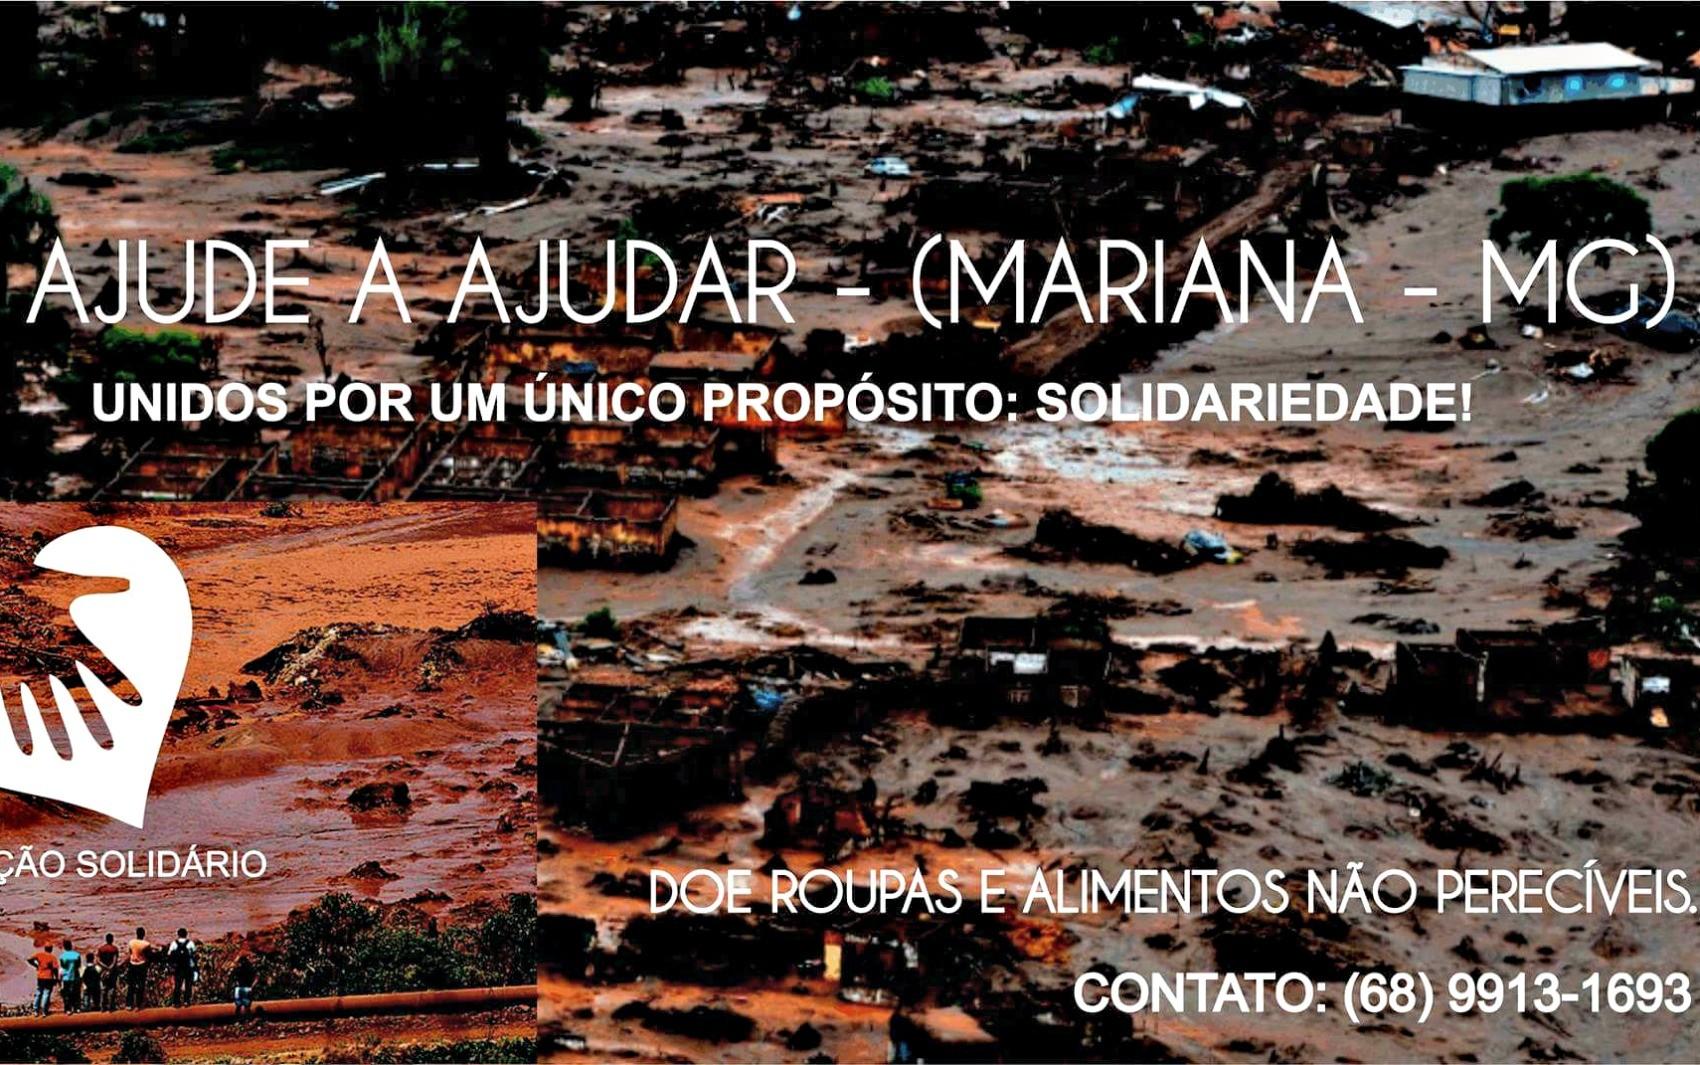 ONG de Rio Branco arrecada doações para famílias de MG (Foto: Divulgação)